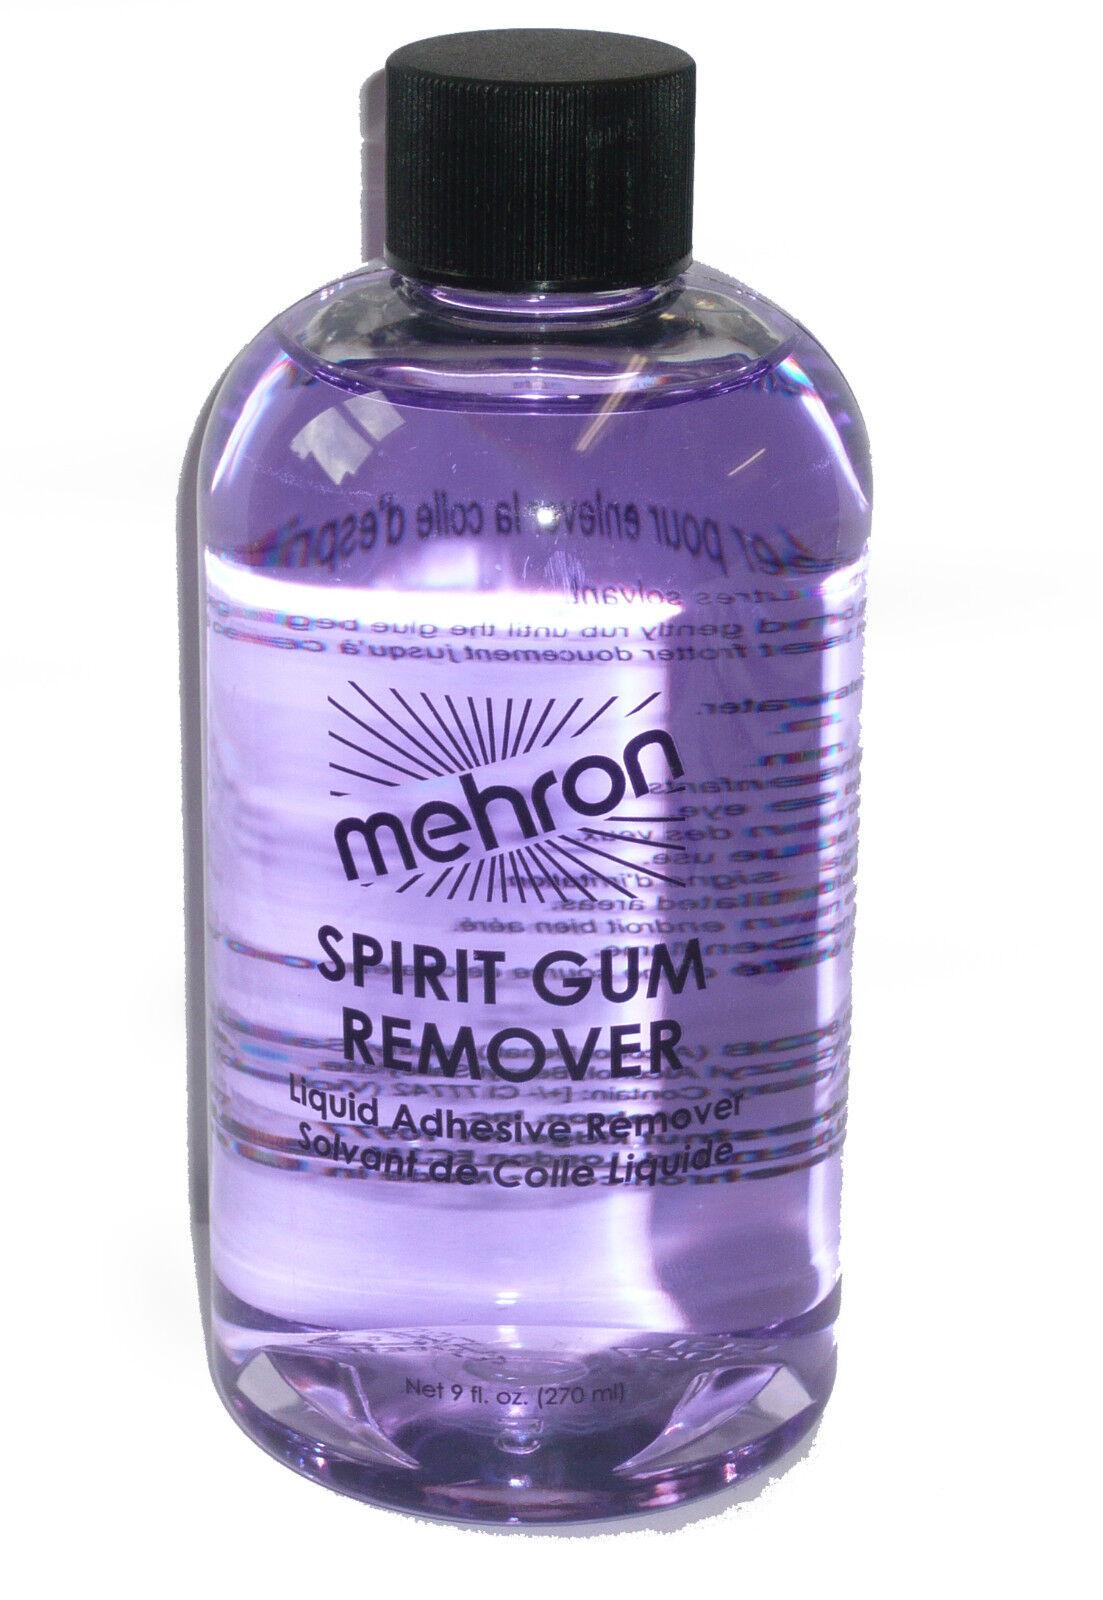 Mehron Spirit Gum Remover 9 OZ Spirit Gum Adhesive Remover 143